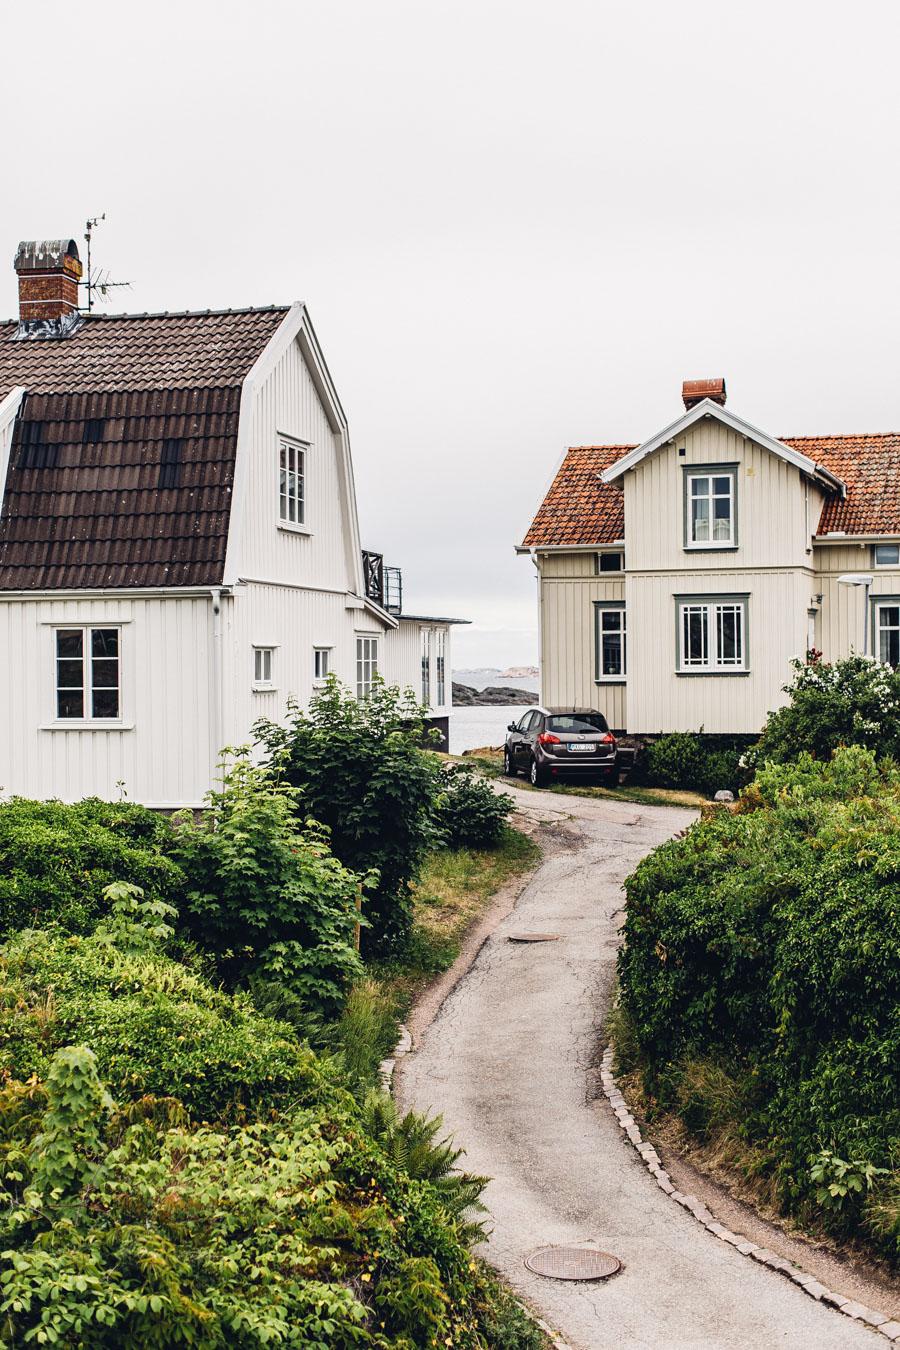 Fiskebäckskil fishing town, West Sweden